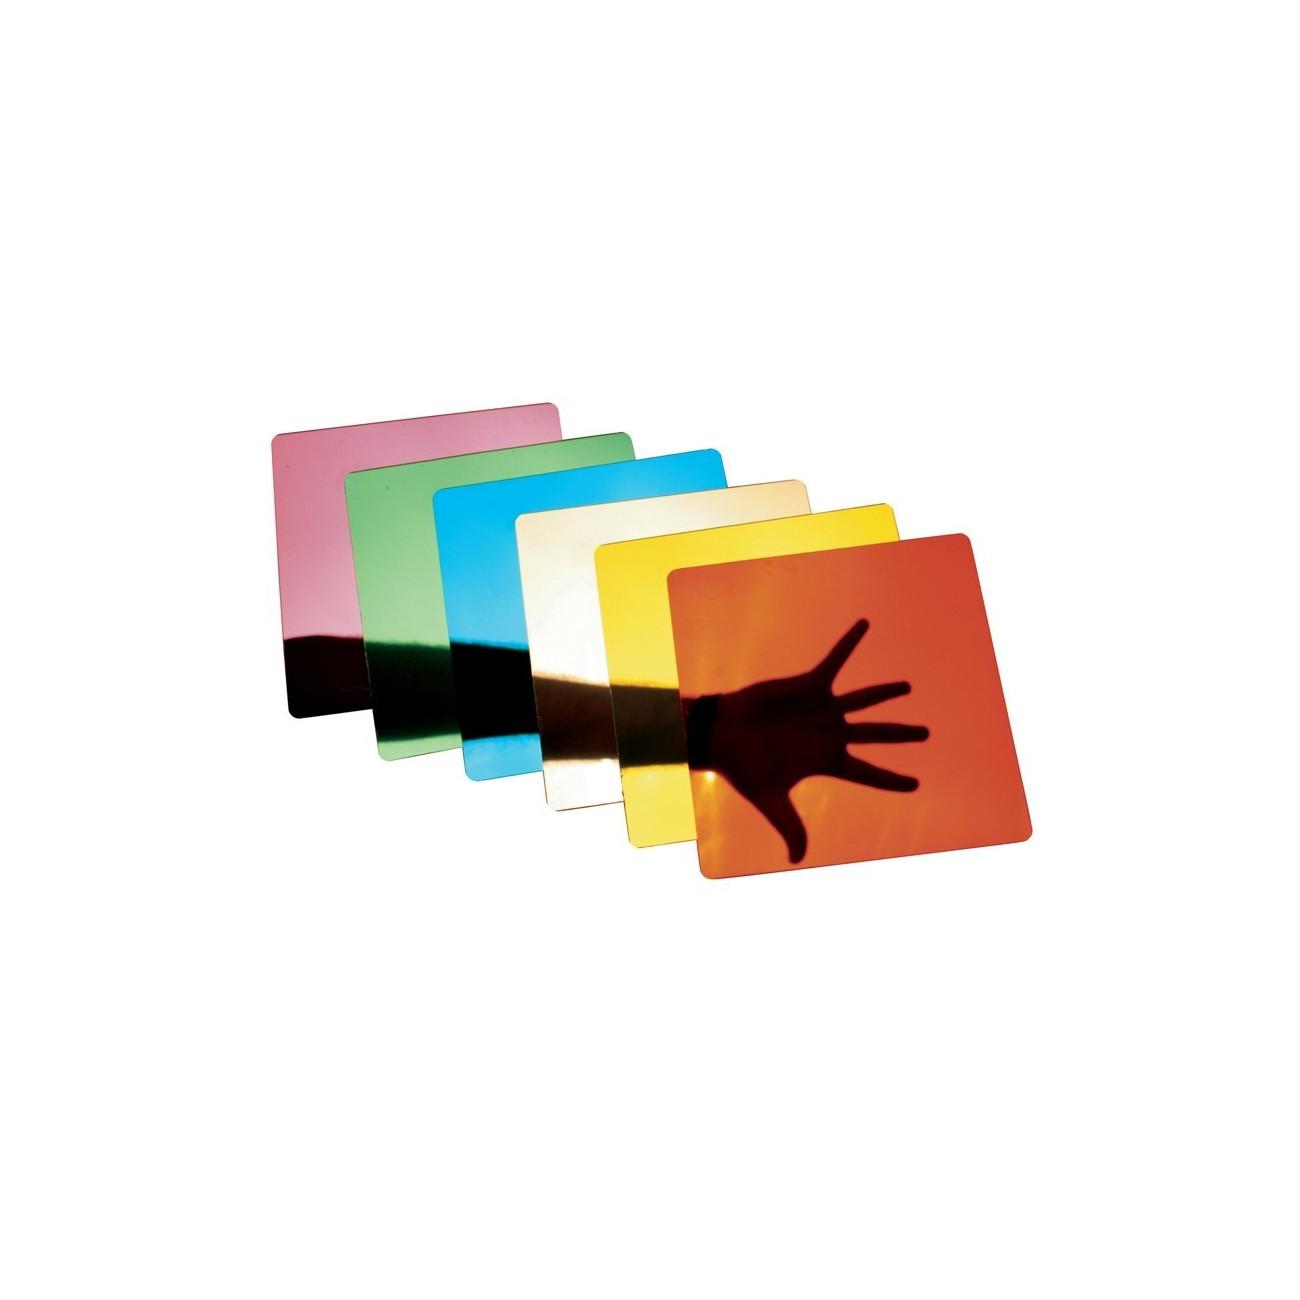 Espejos colores cuadros set de 6 unidades amayasport - Cuadros de espejo ...